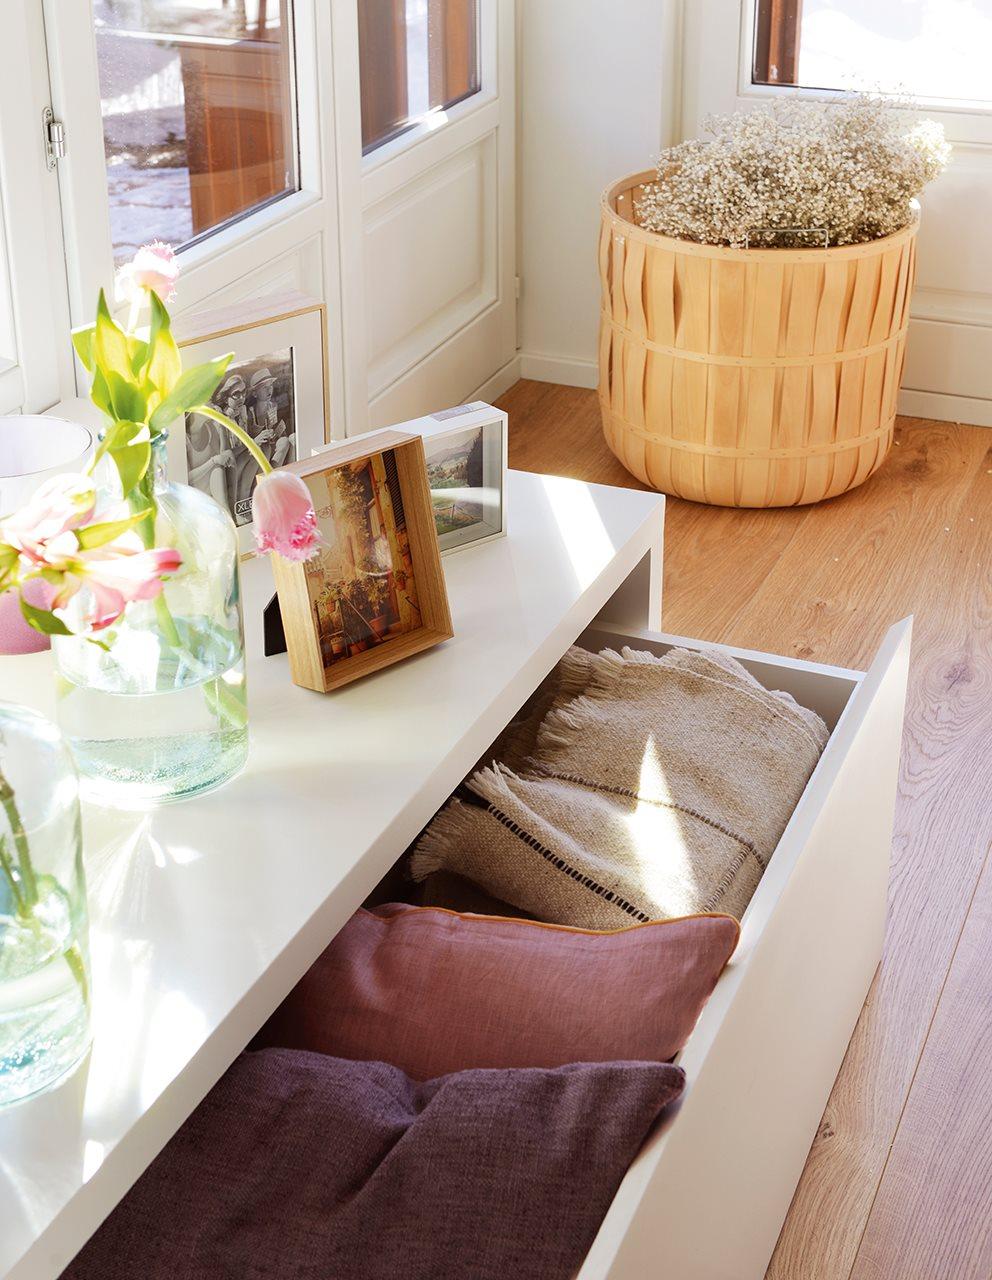 Una casa r stica en blanco y madera clara - Asiento con almacenaje ...